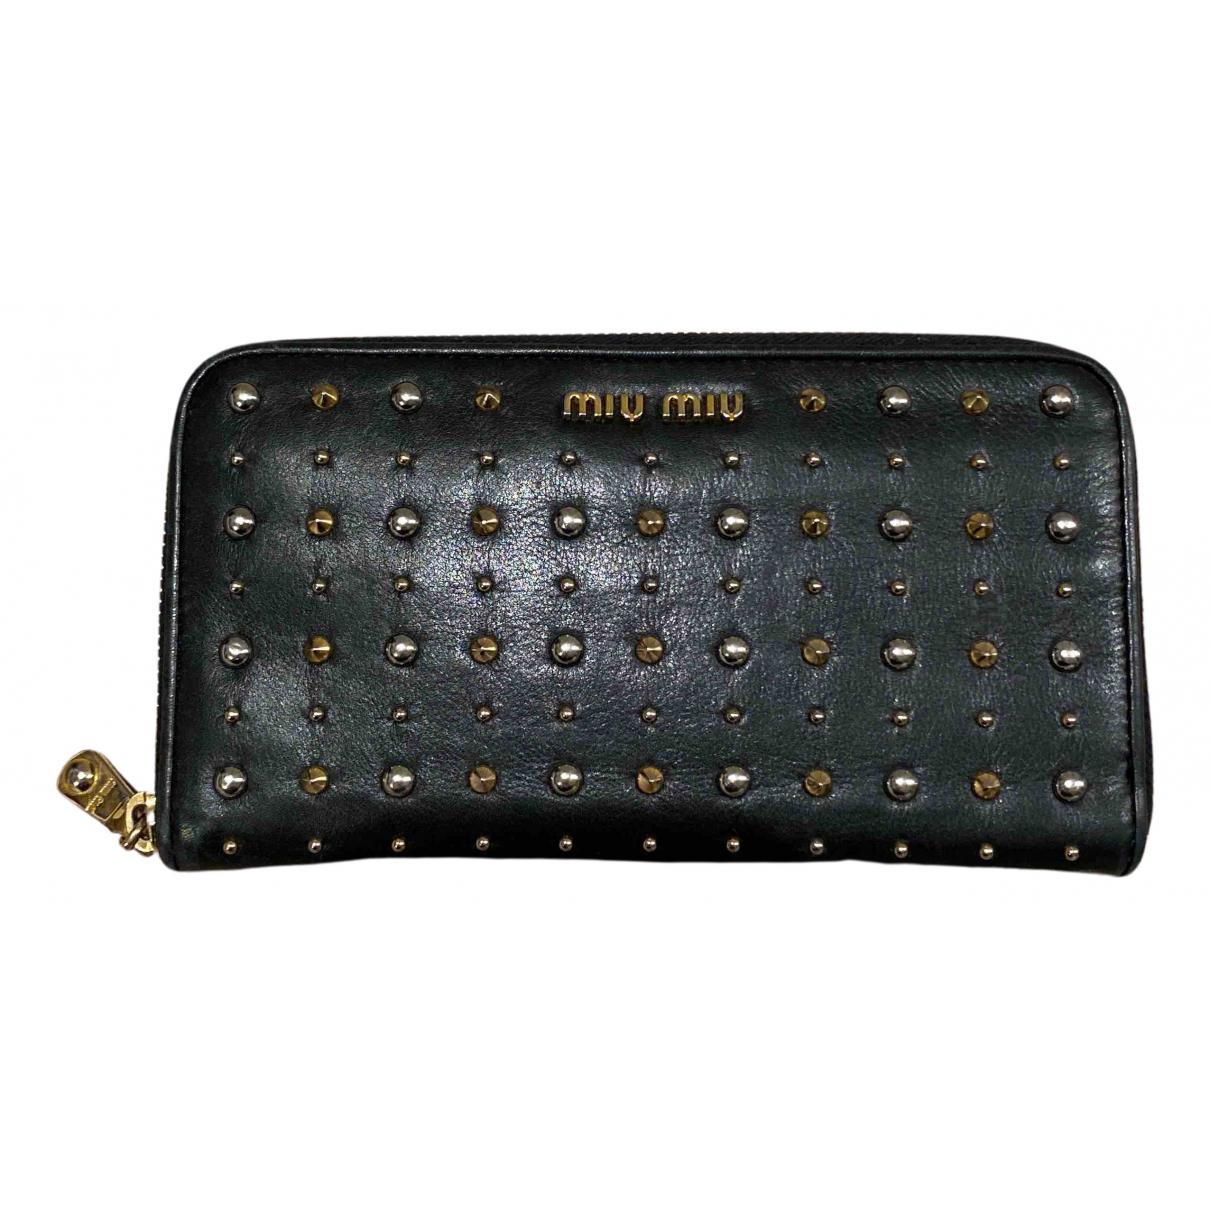 Miu Miu N Black Leather wallet for Women N